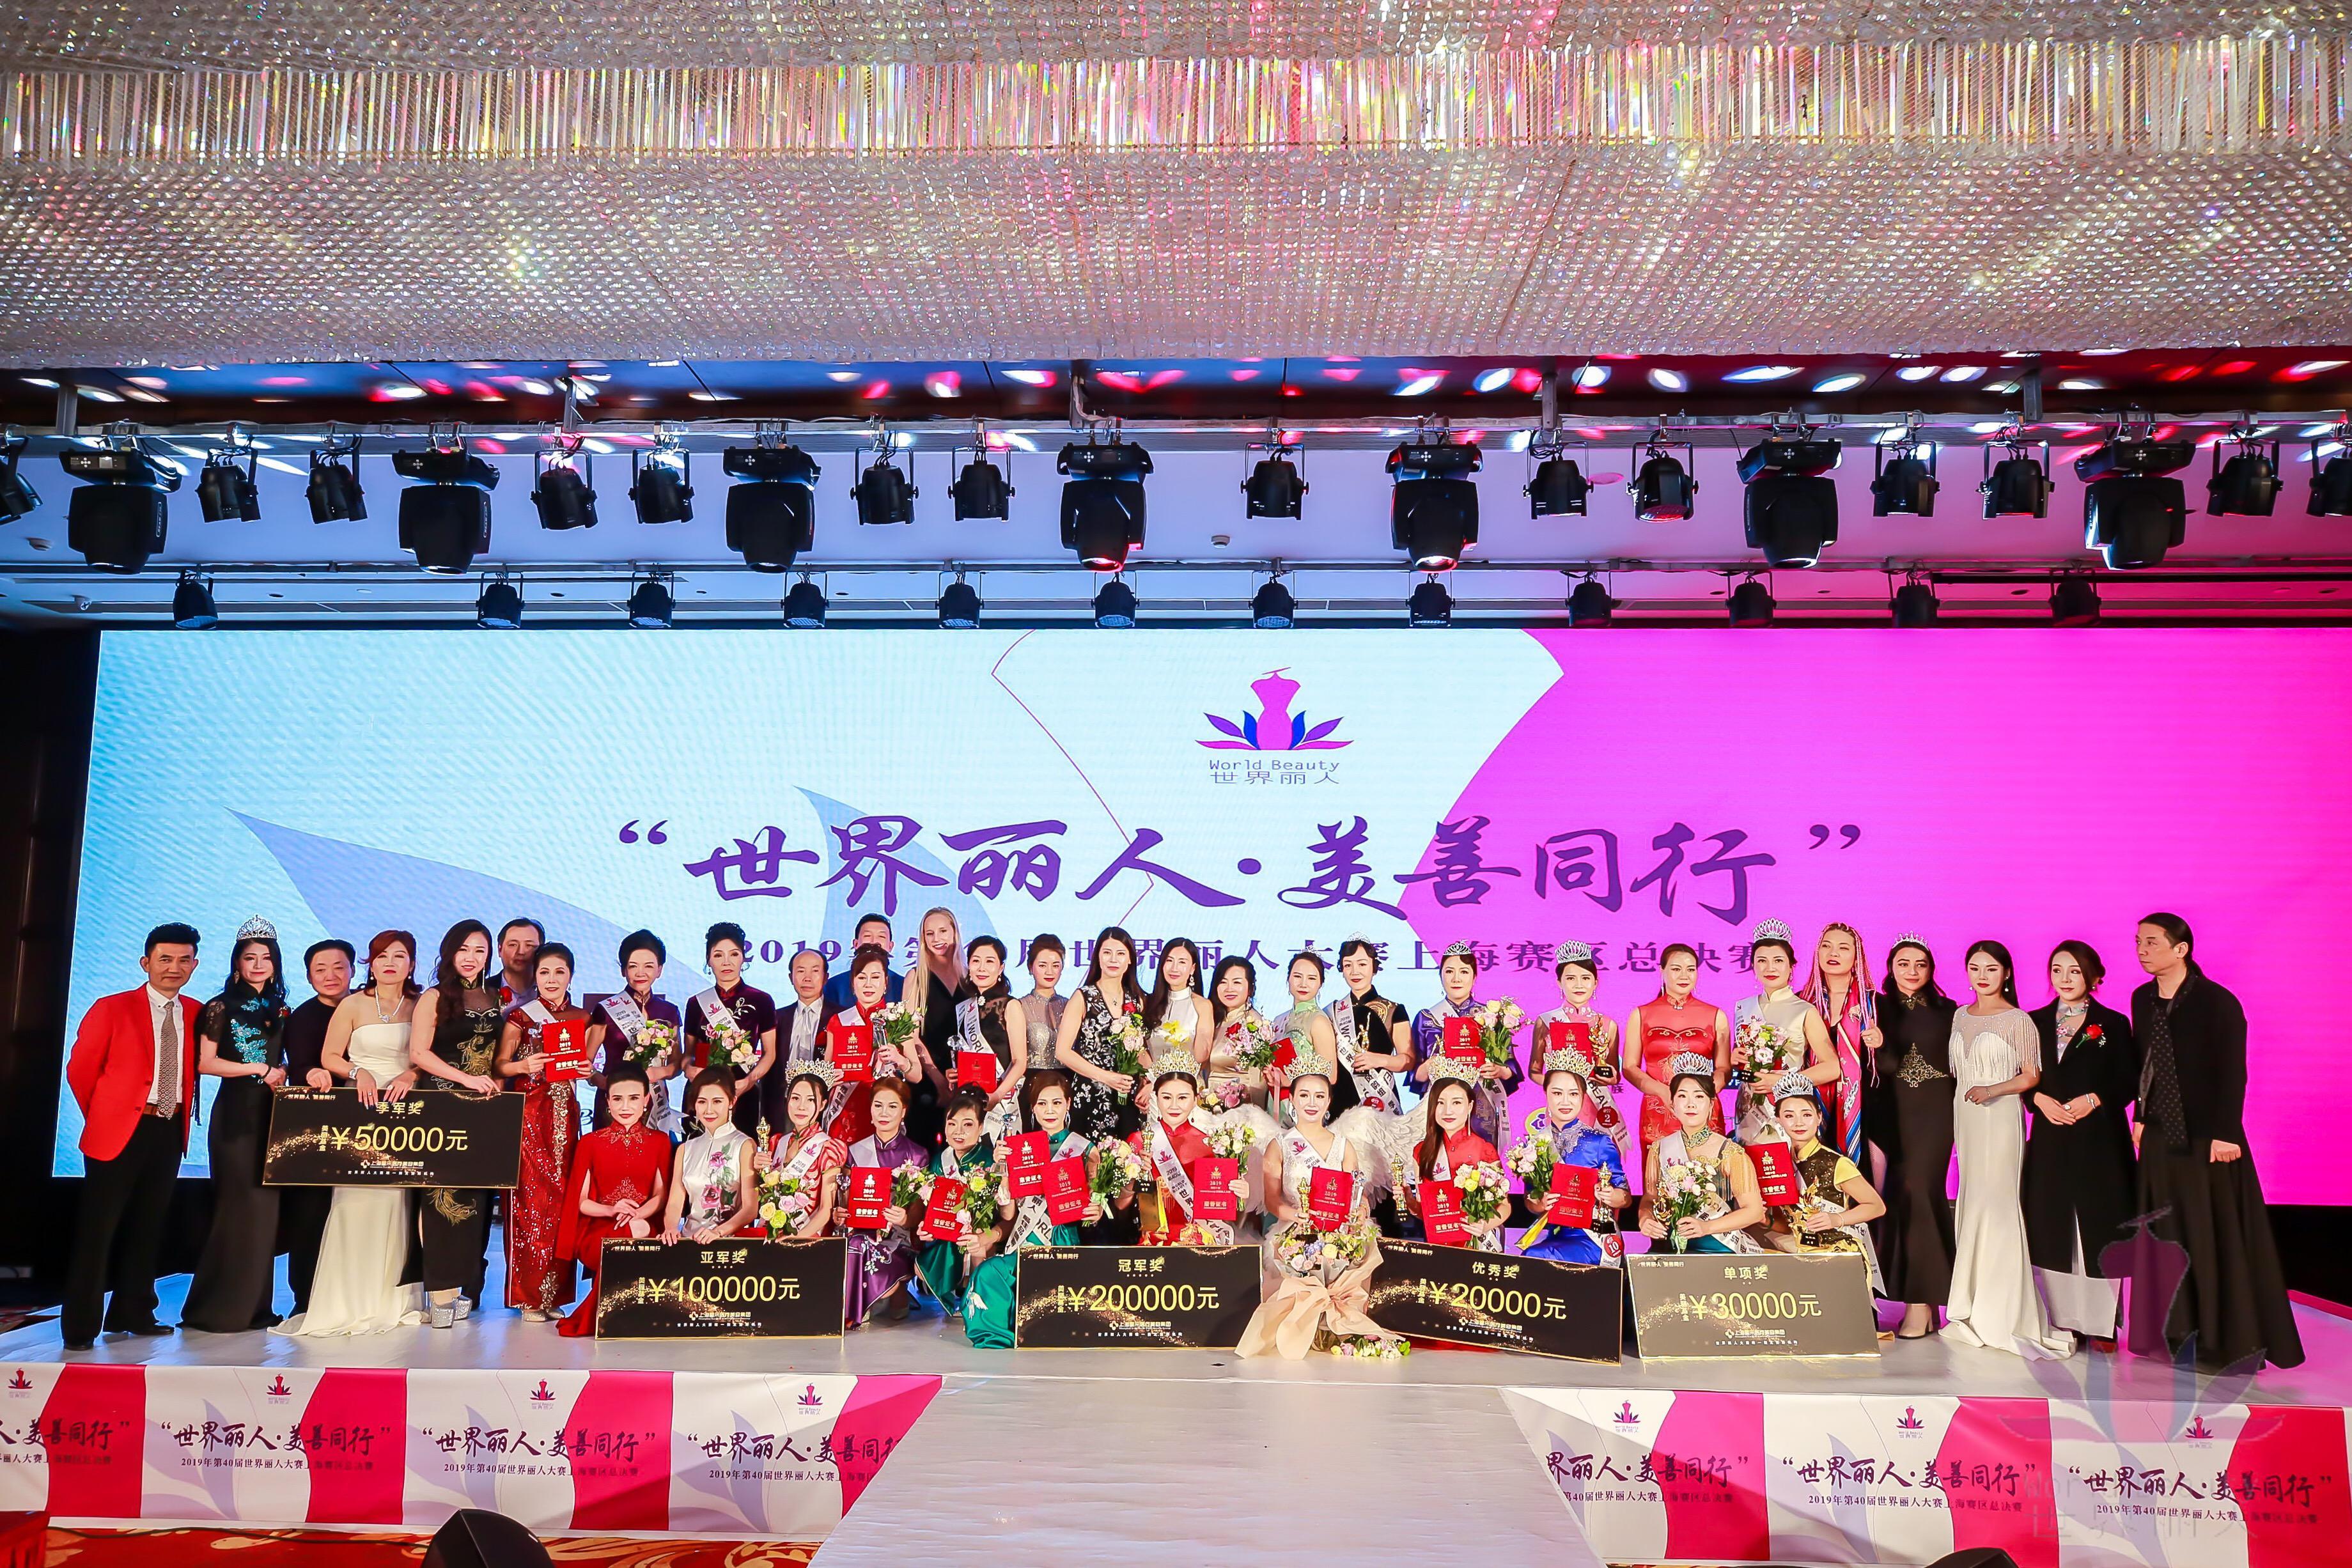 荣耀盛世——第40届世界丽人大赛上海赛区总决赛圆满落幕插图(16)